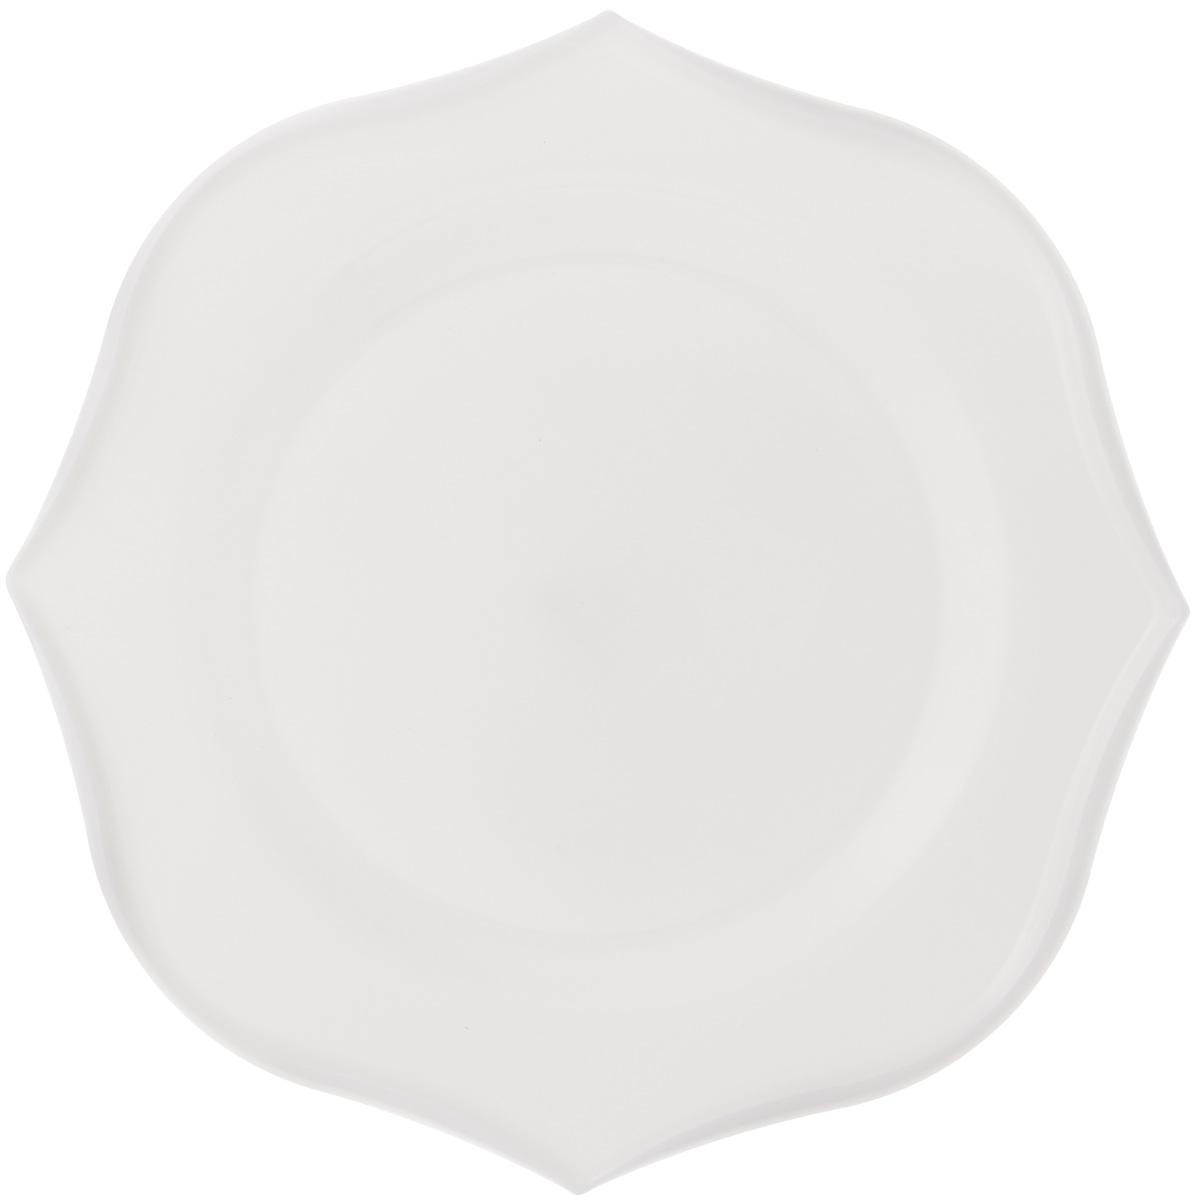 Тарелка обеденная Luminarc Louisa, 28,5 х 28,5 смJ1744Обеденная тарелка Luminarc Louisa, изготовленная из высококачественного стекла, имеет изысканный внешний вид. Яркий дизайн придется по вкусу и ценителям классики, и тем, кто предпочитает утонченность. Тарелка Luminarc Louisa идеально подойдет для сервировки вторых блюд из птицы, рыбы, мяса или овощей, а также станет отличным подарком к любому празднику.Размер тарелки (по верхнему краю): 28,5 х 28,5 см.